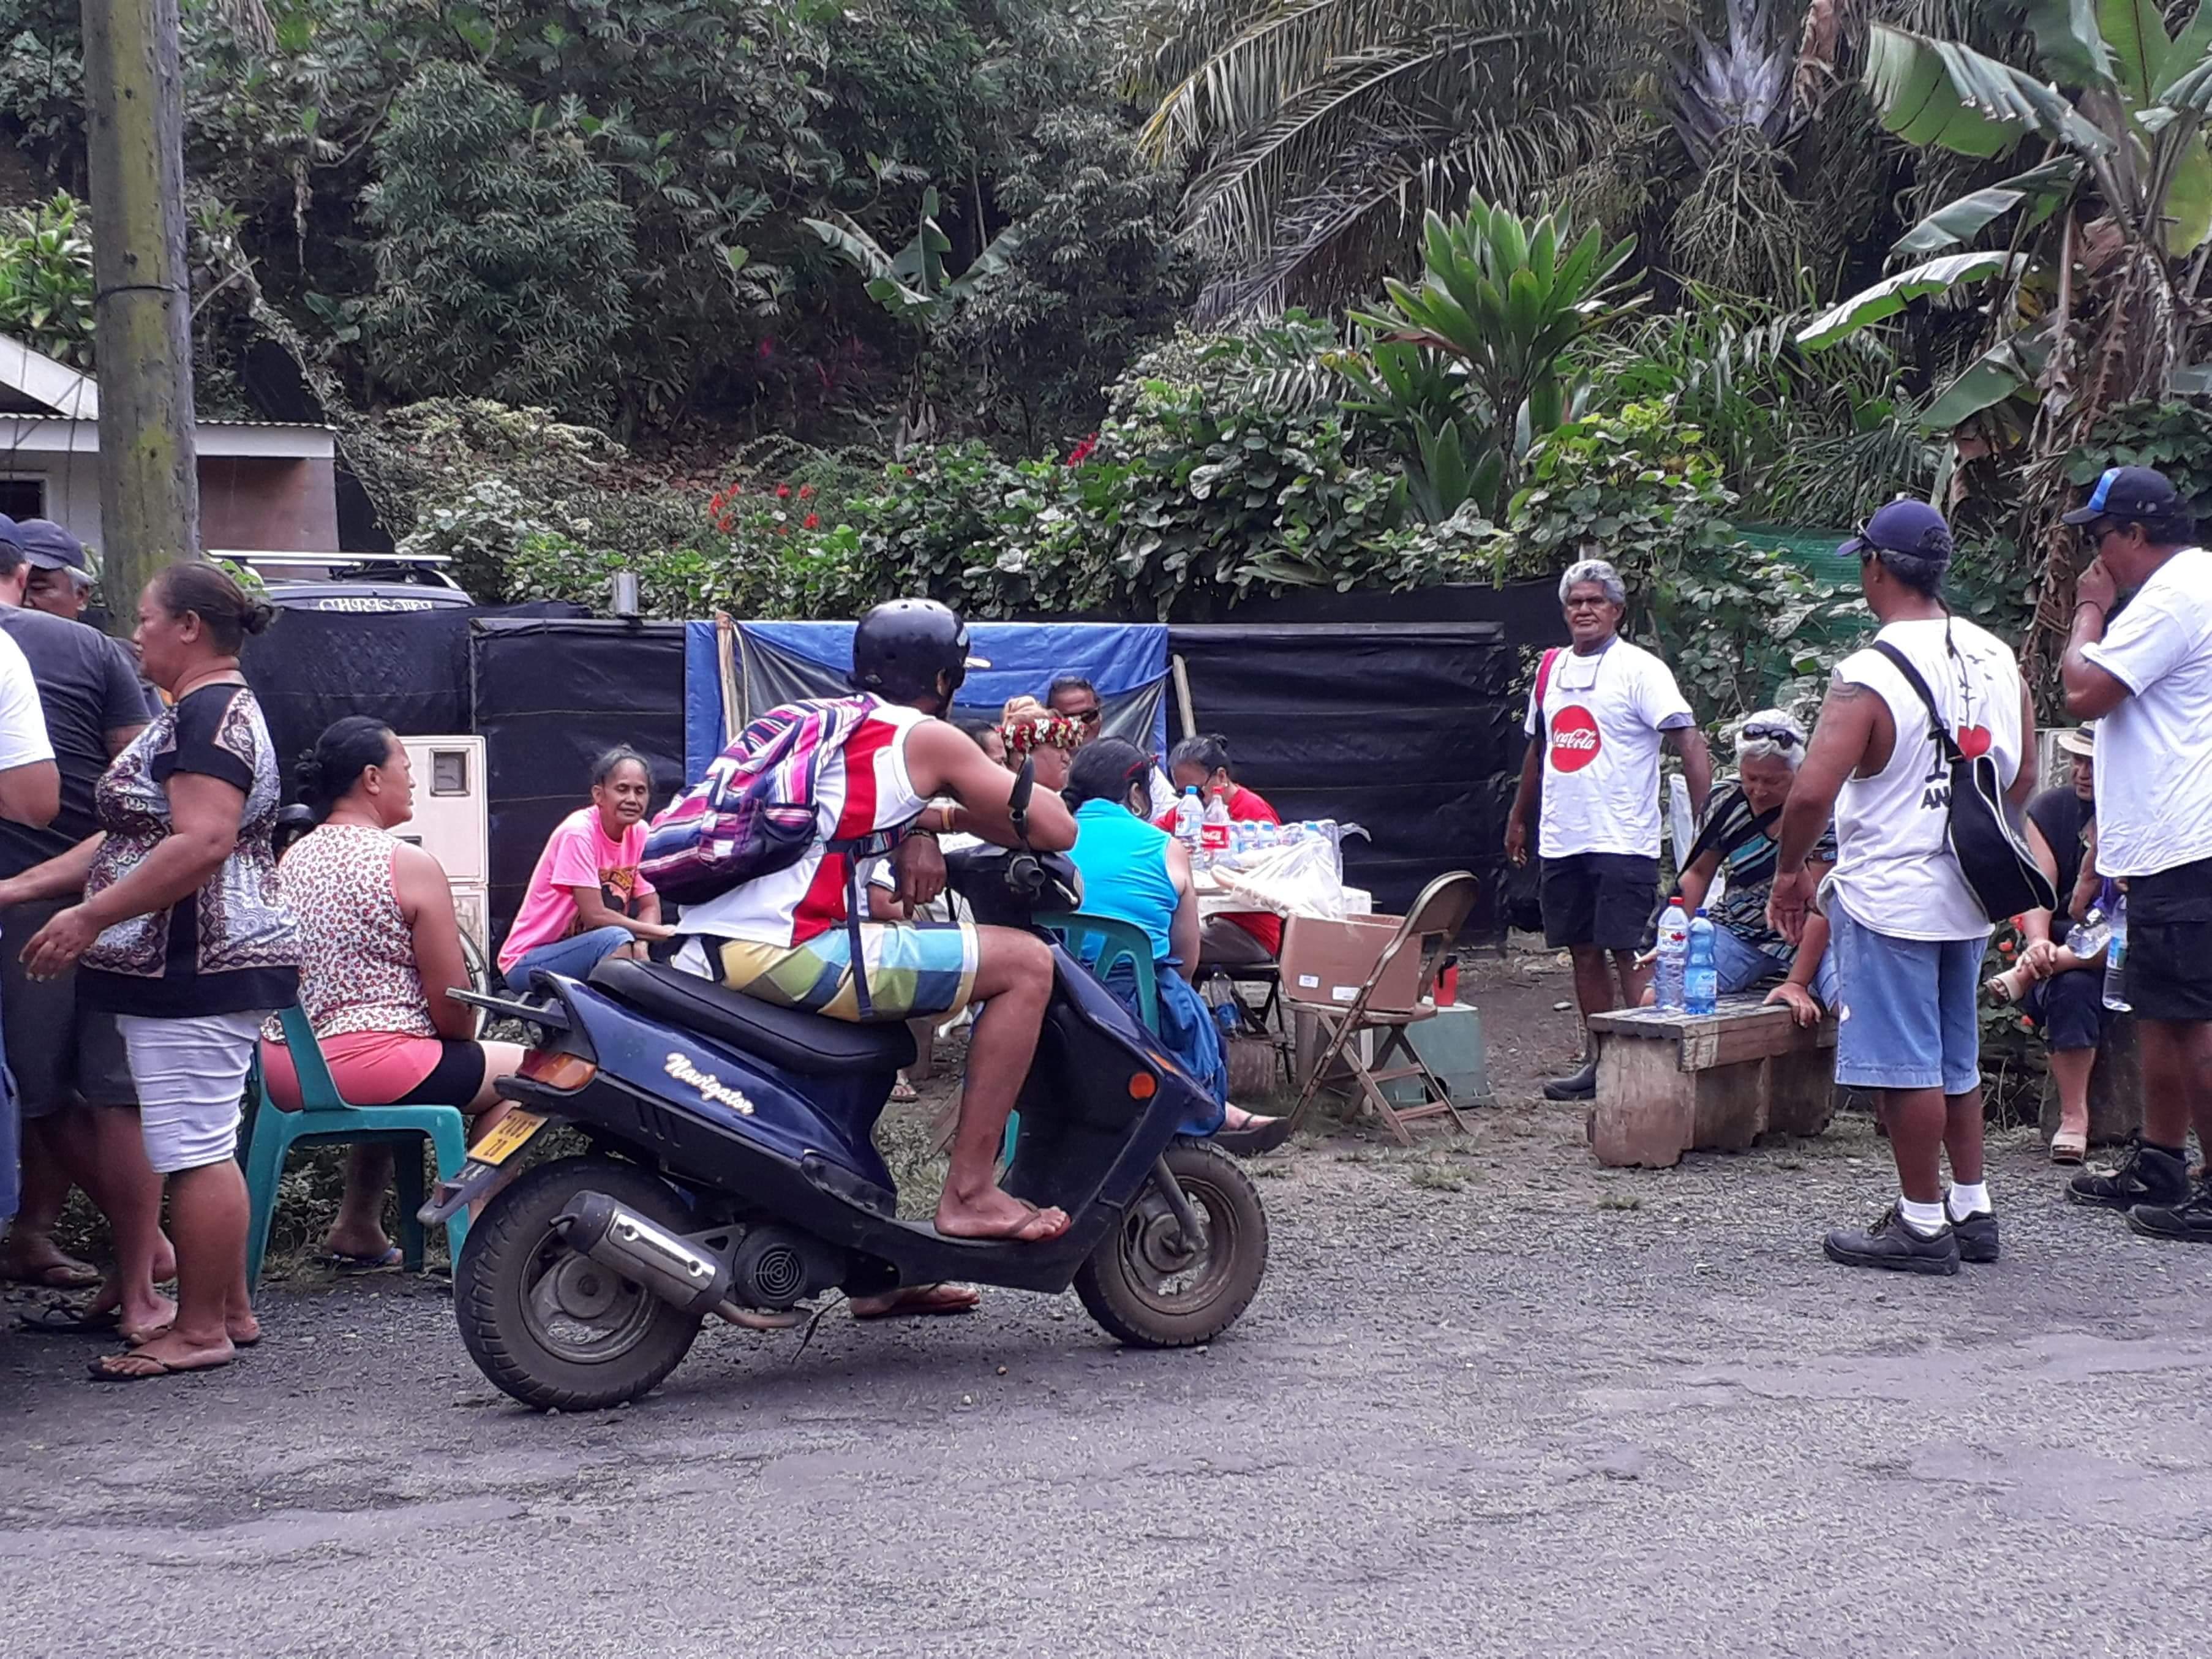 À Bora Bora, les grévistes issus du monde hôtelier se sont retrouvés en bord de route.